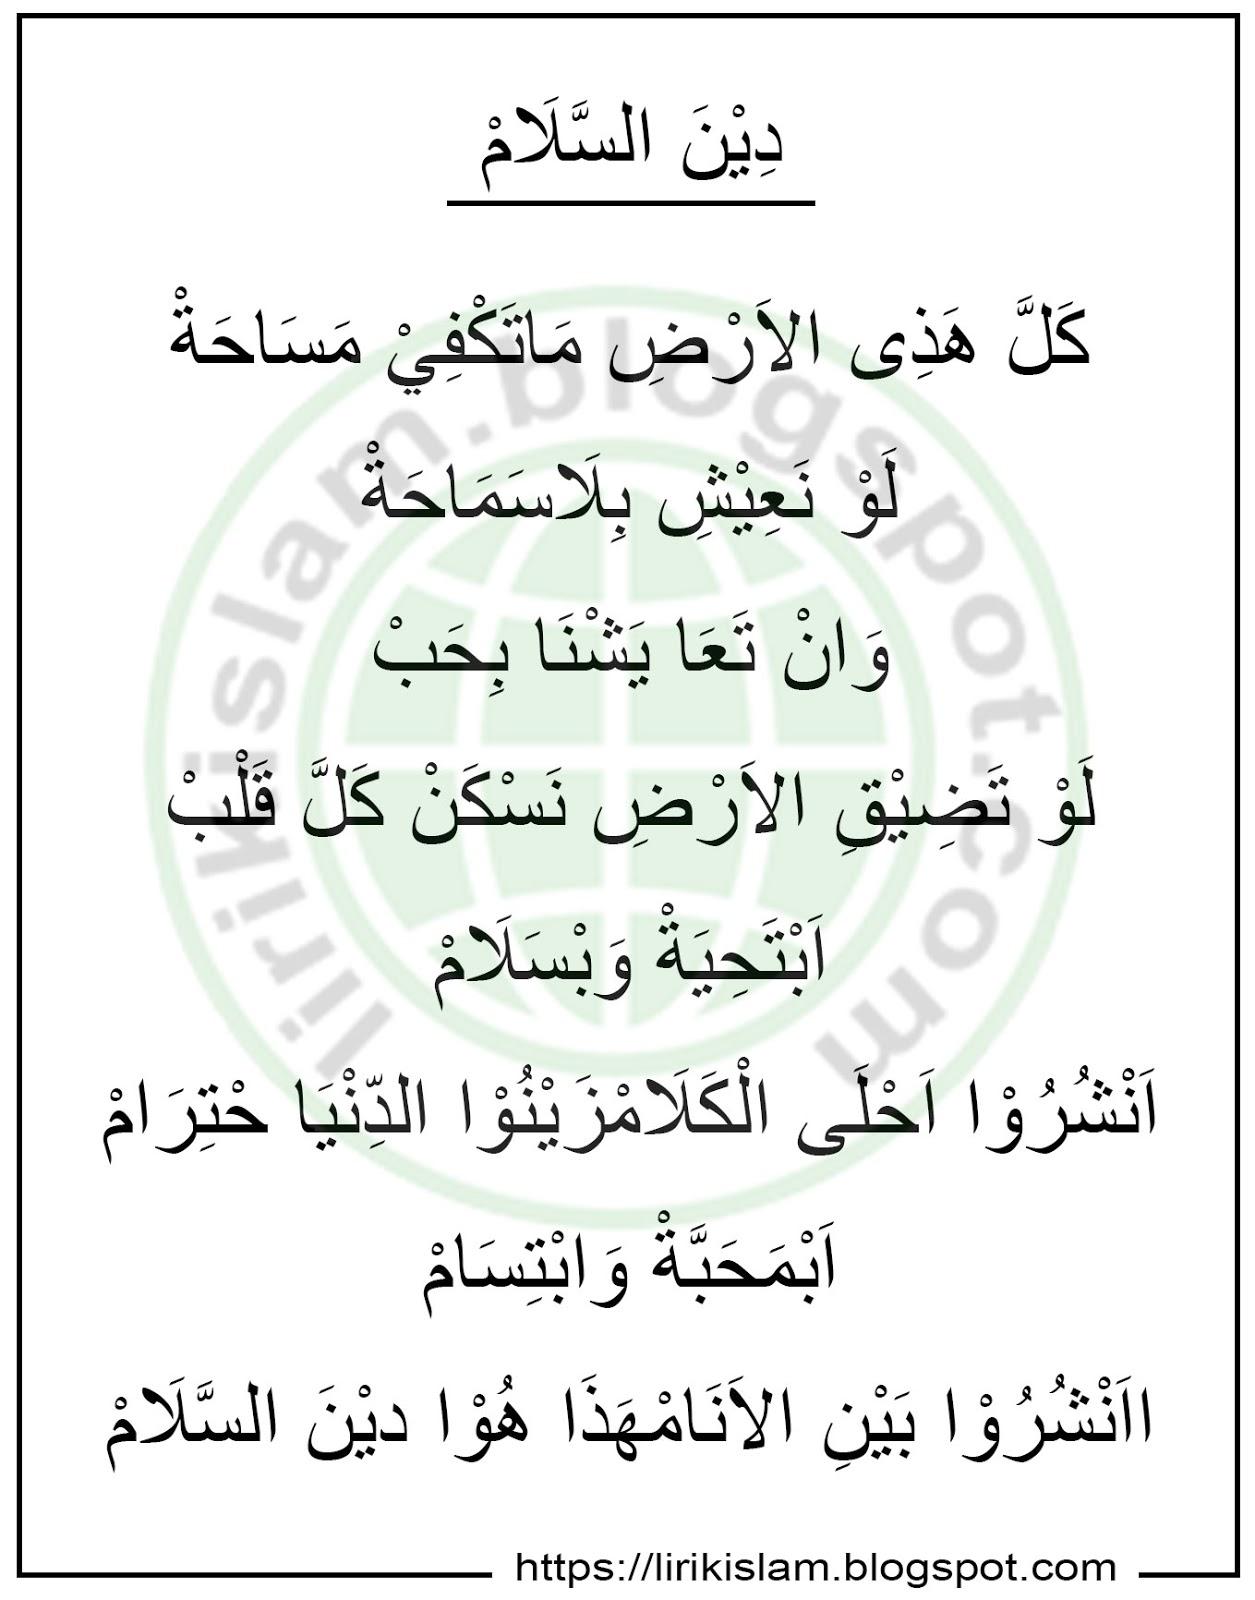 Lirik Deen Assalam Bahasa Arab : lirik, assalam, bahasa, Lirik, Sholawat, Assalam, Latin, Terjemahan, Nissa, Sabyan, Mafia, Sholat